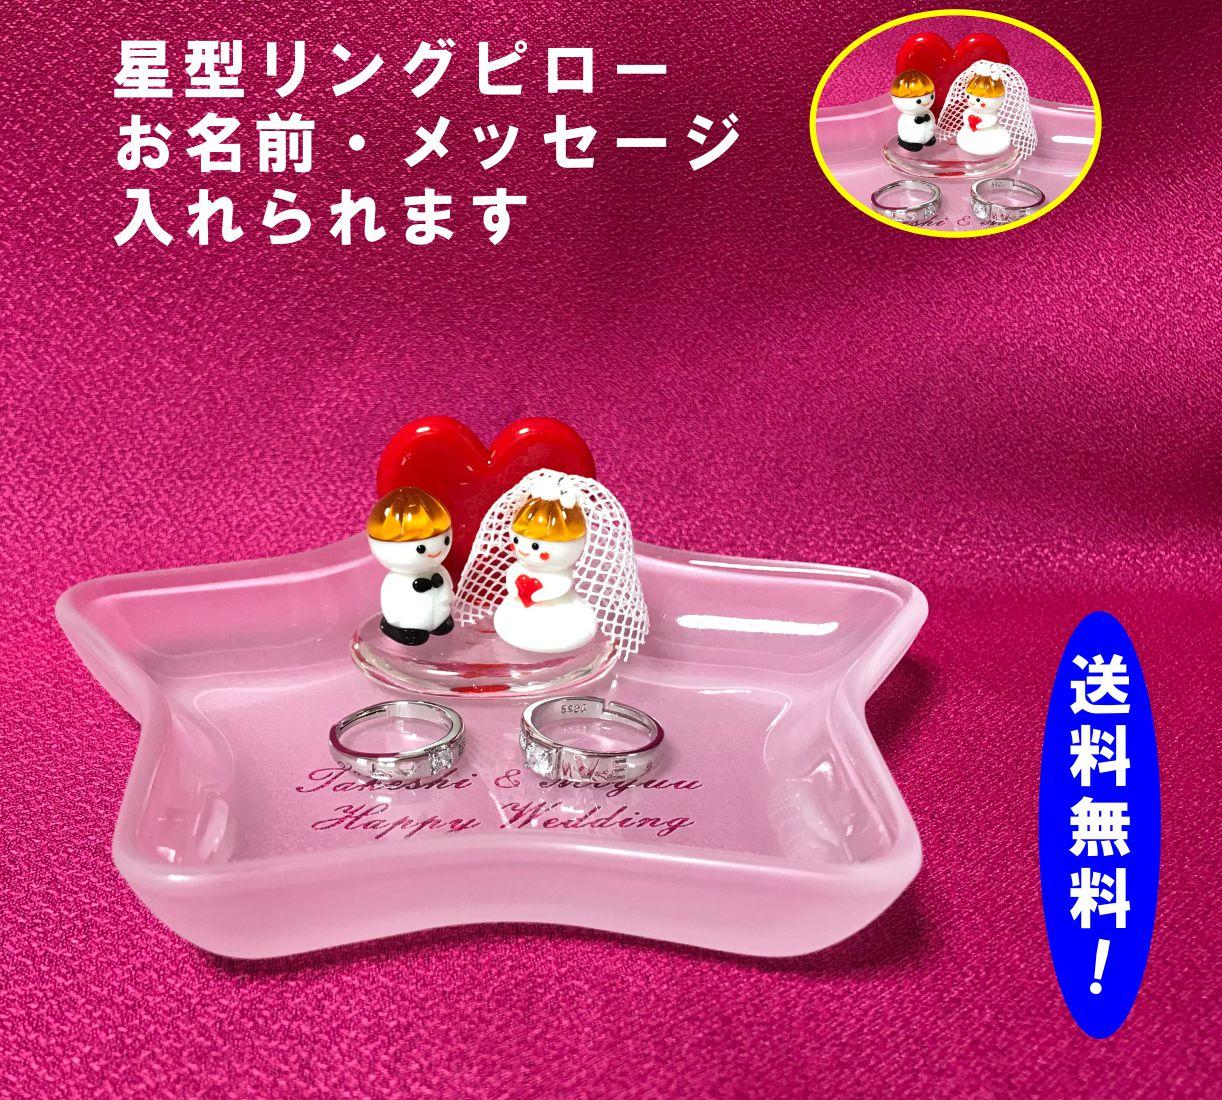 ■幸せのリングピロー ねこ カップル(星型受け皿タイプ)【送料無料】05P09Jul16